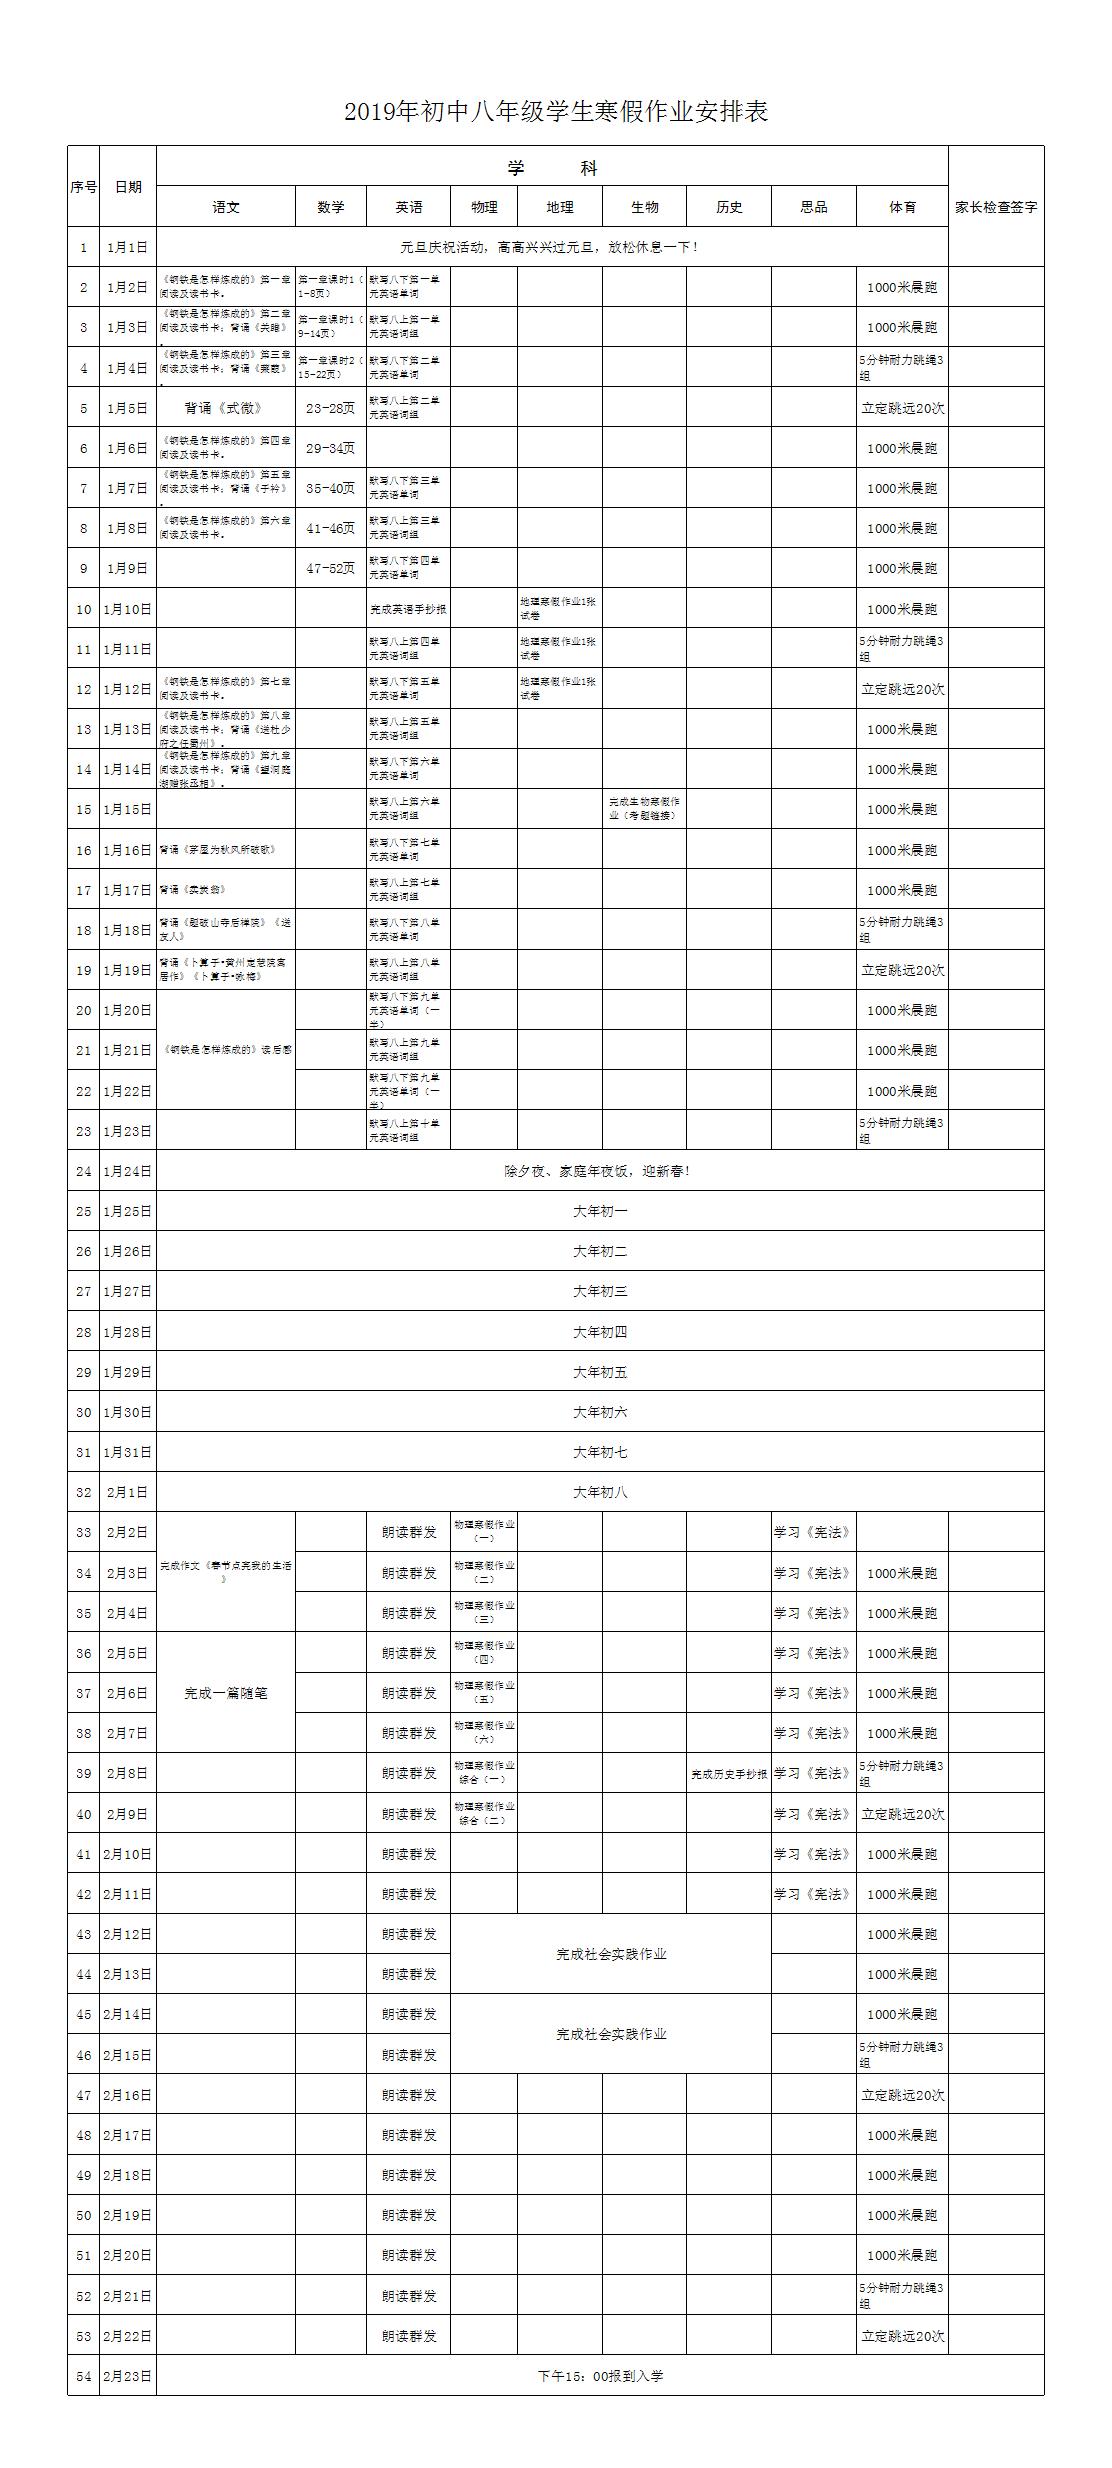 2019年初中八年级学生寒假作业安排表.xlsx